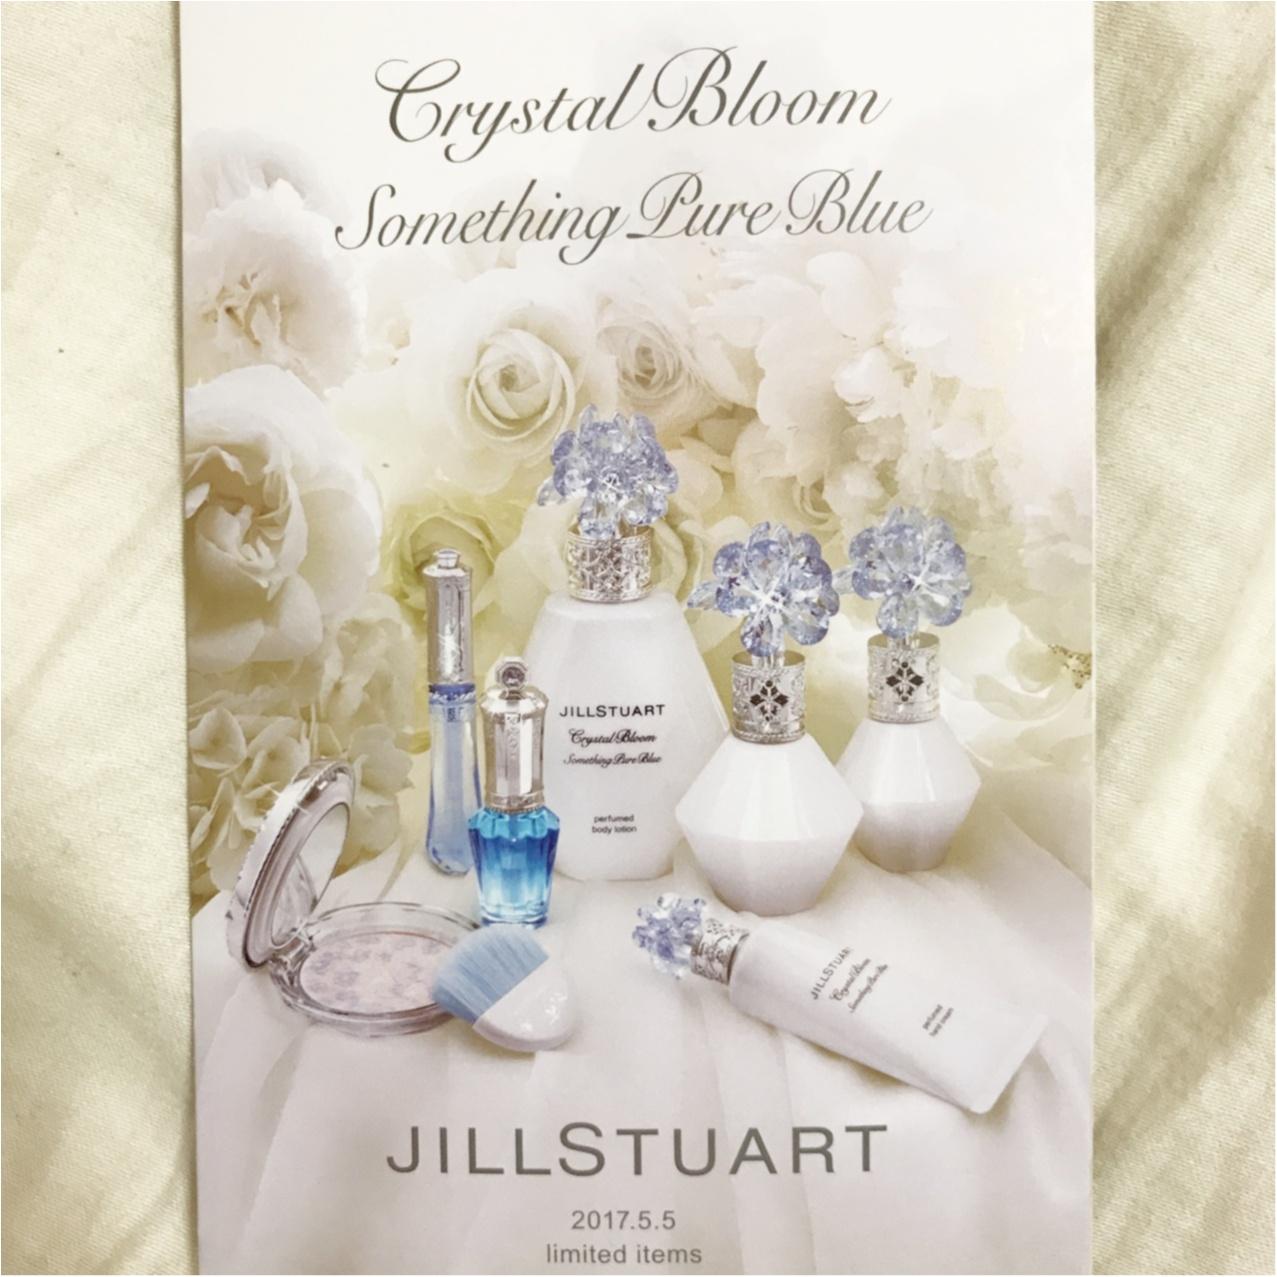 """《幸せになれるコスメ?♡》JILLSTUARTの限定アイテム""""Something Pure Blue"""" シリーズが可愛すぎるっ_2"""